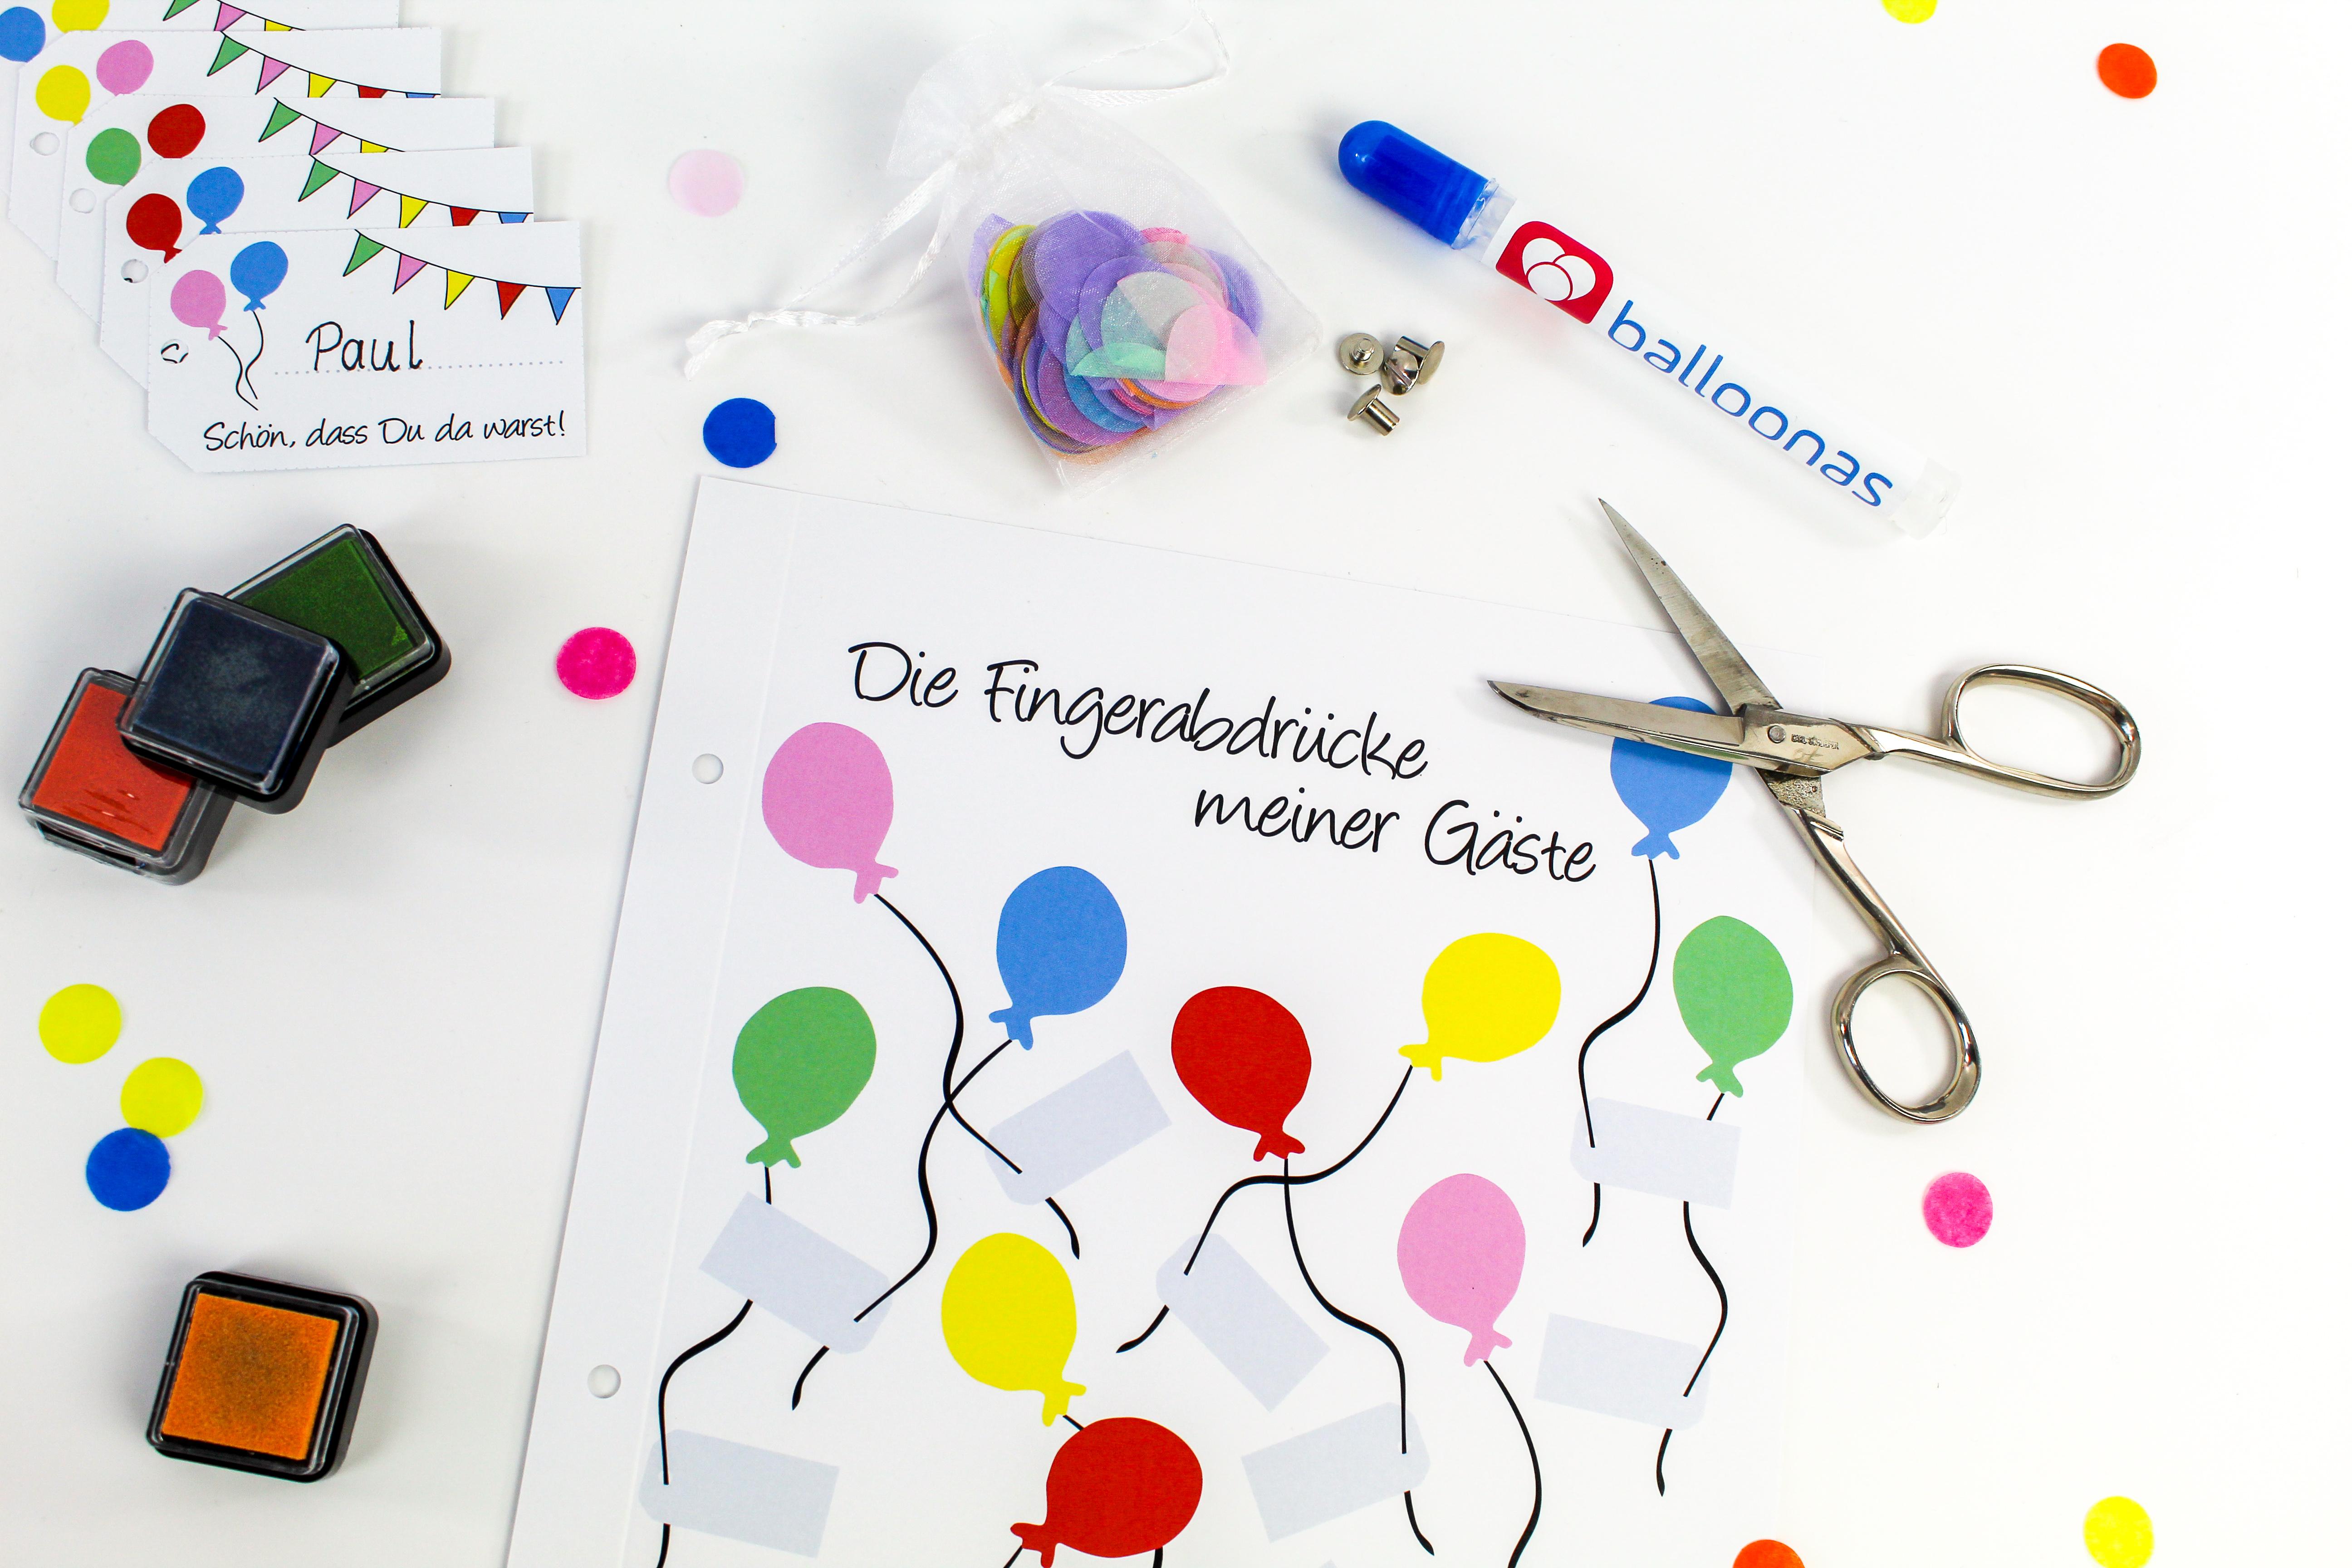 balloonas Geburtstagsbuch - Vorbereitungen